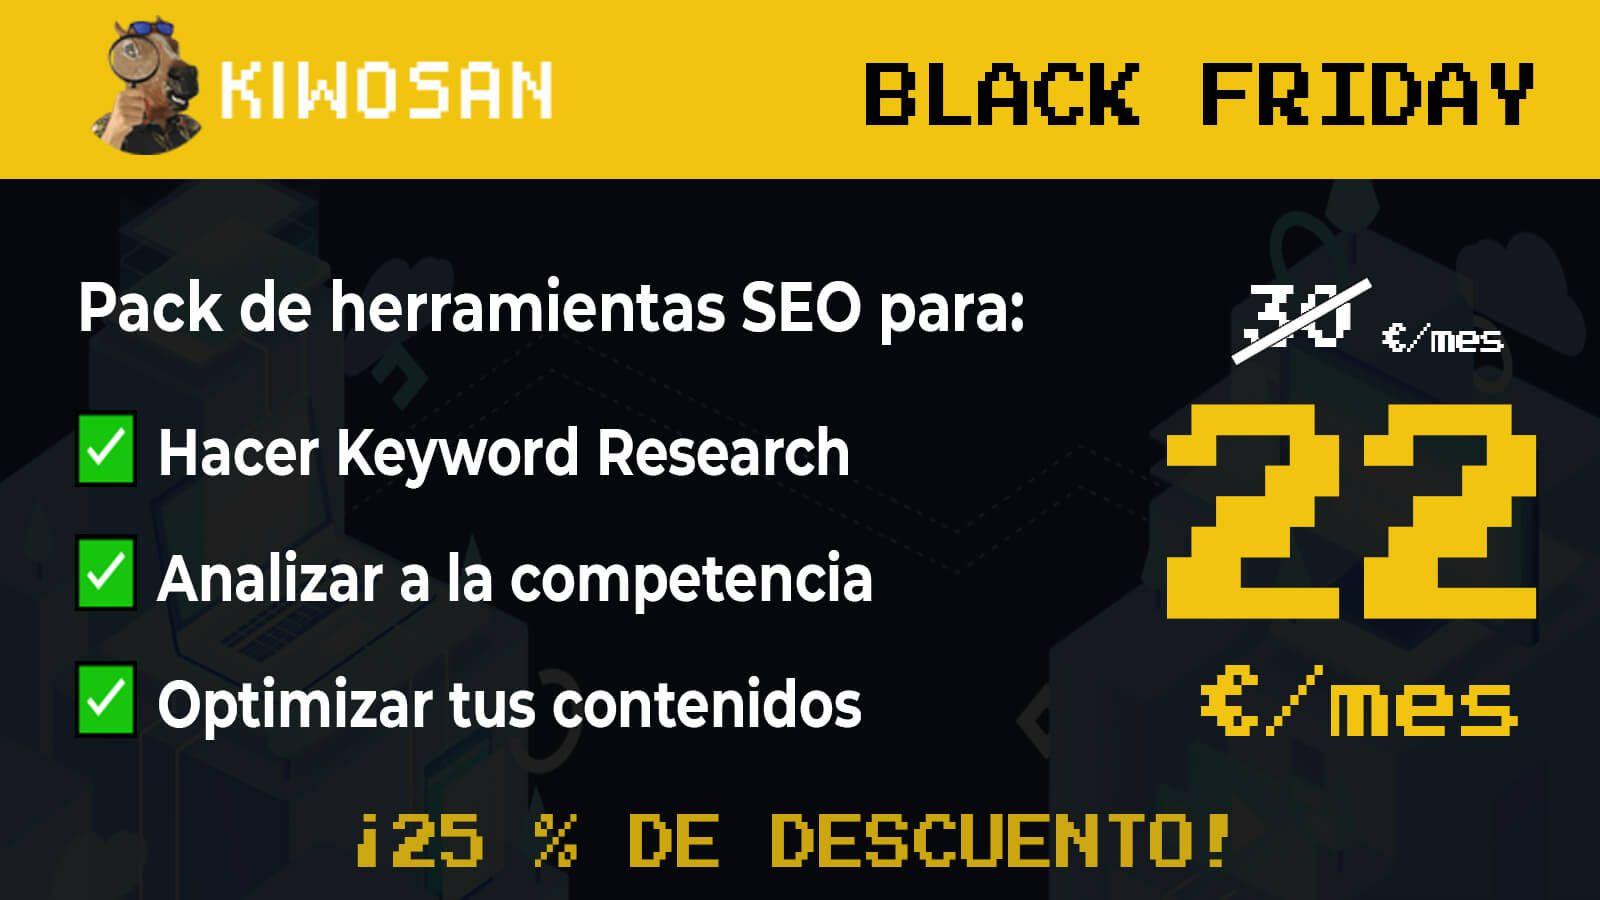 Oferta Black Friday Kiwosan 2.0